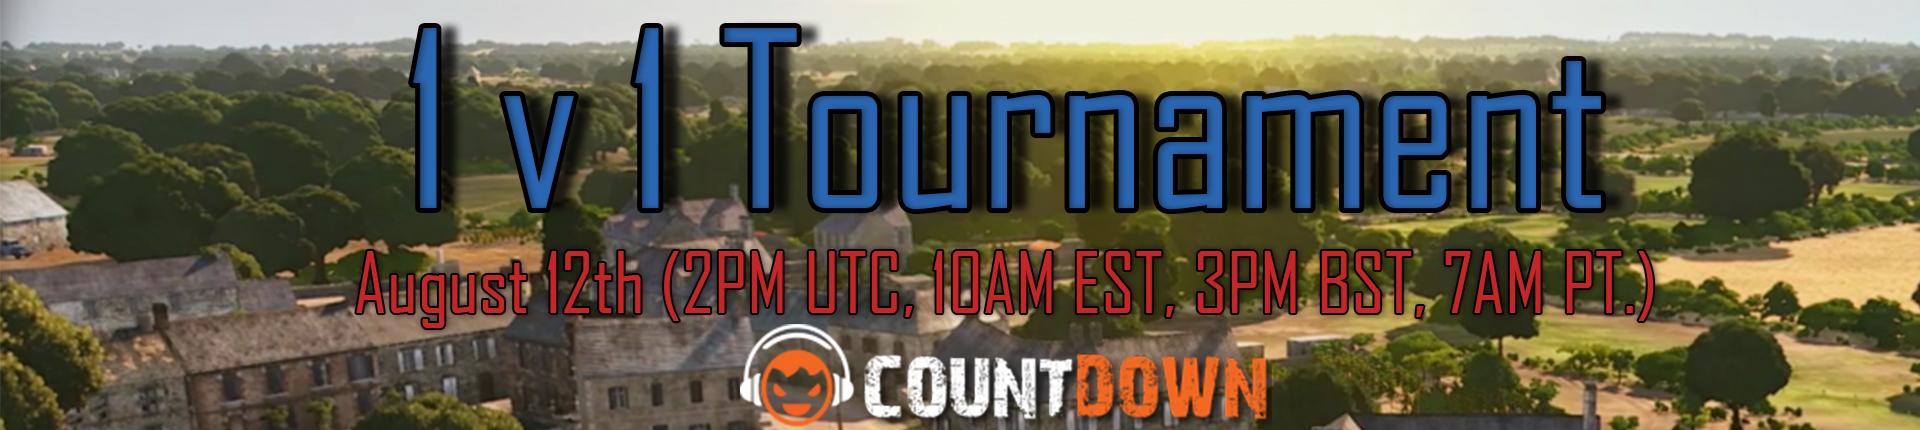 Steel Division 1v1 Tournament August 12th (2PM UTC, 10AM EST, 3PM BST, 7AM PT.)